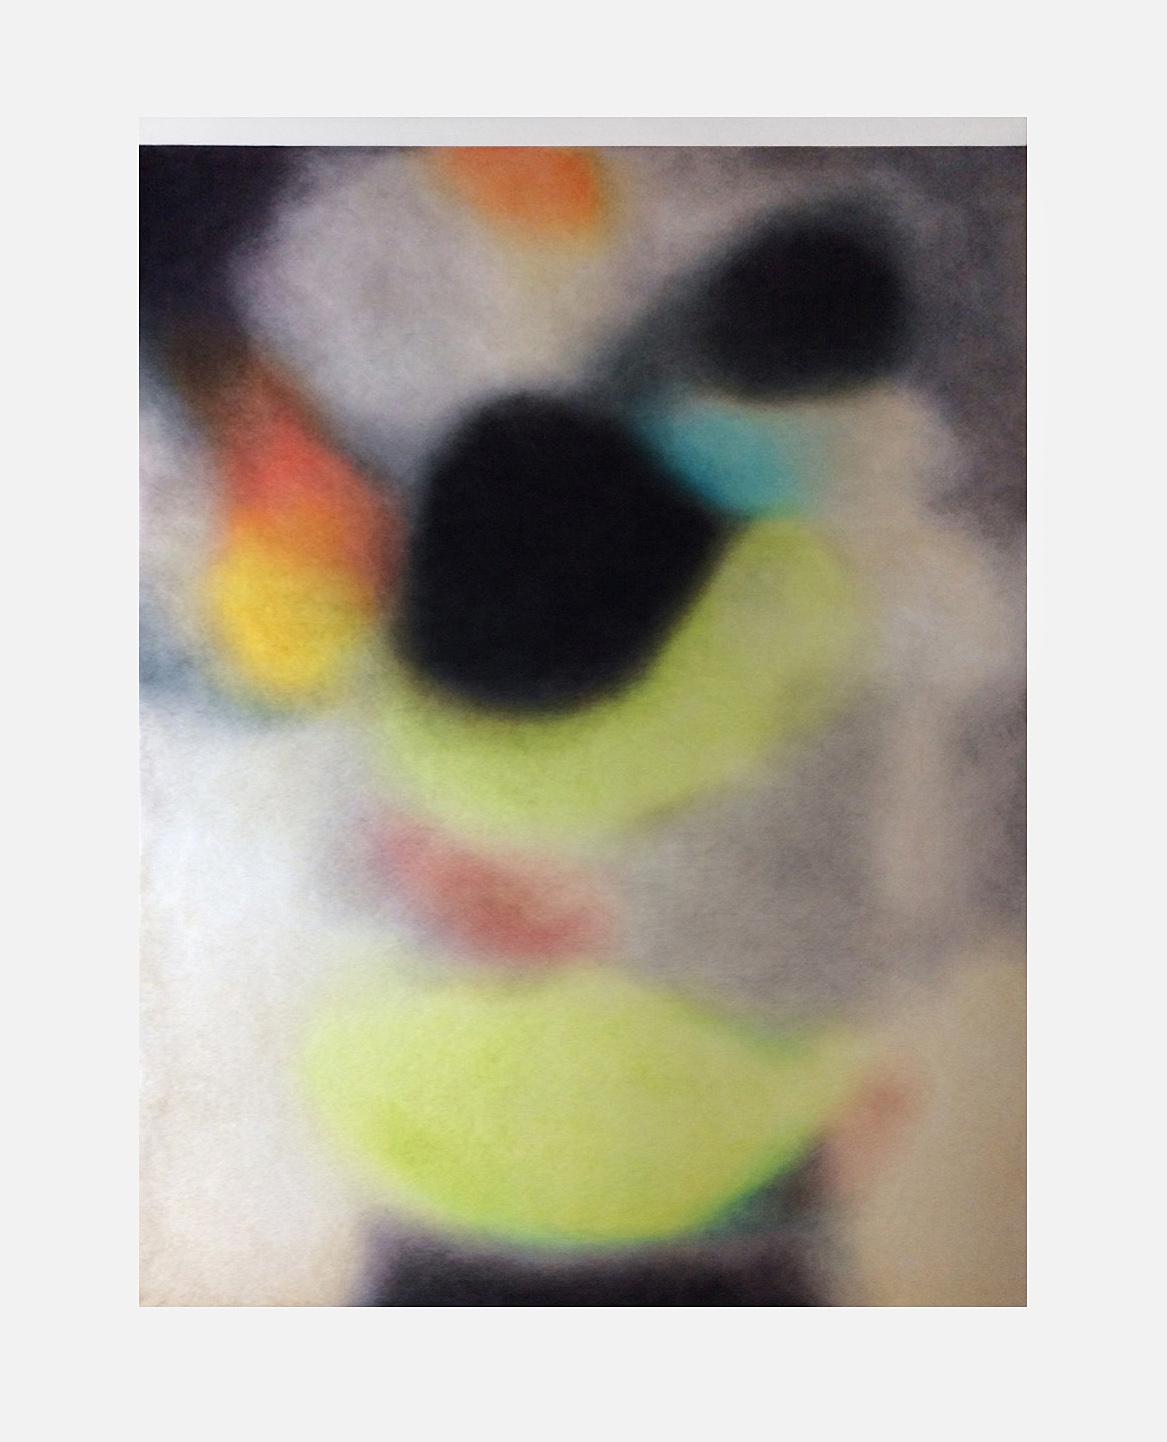 «Suruç, Turquie, 20 juillet 2015» Dessin aux crayons de couleurs sur feutre 50x60cm 2019, galerie Paris-Beijing